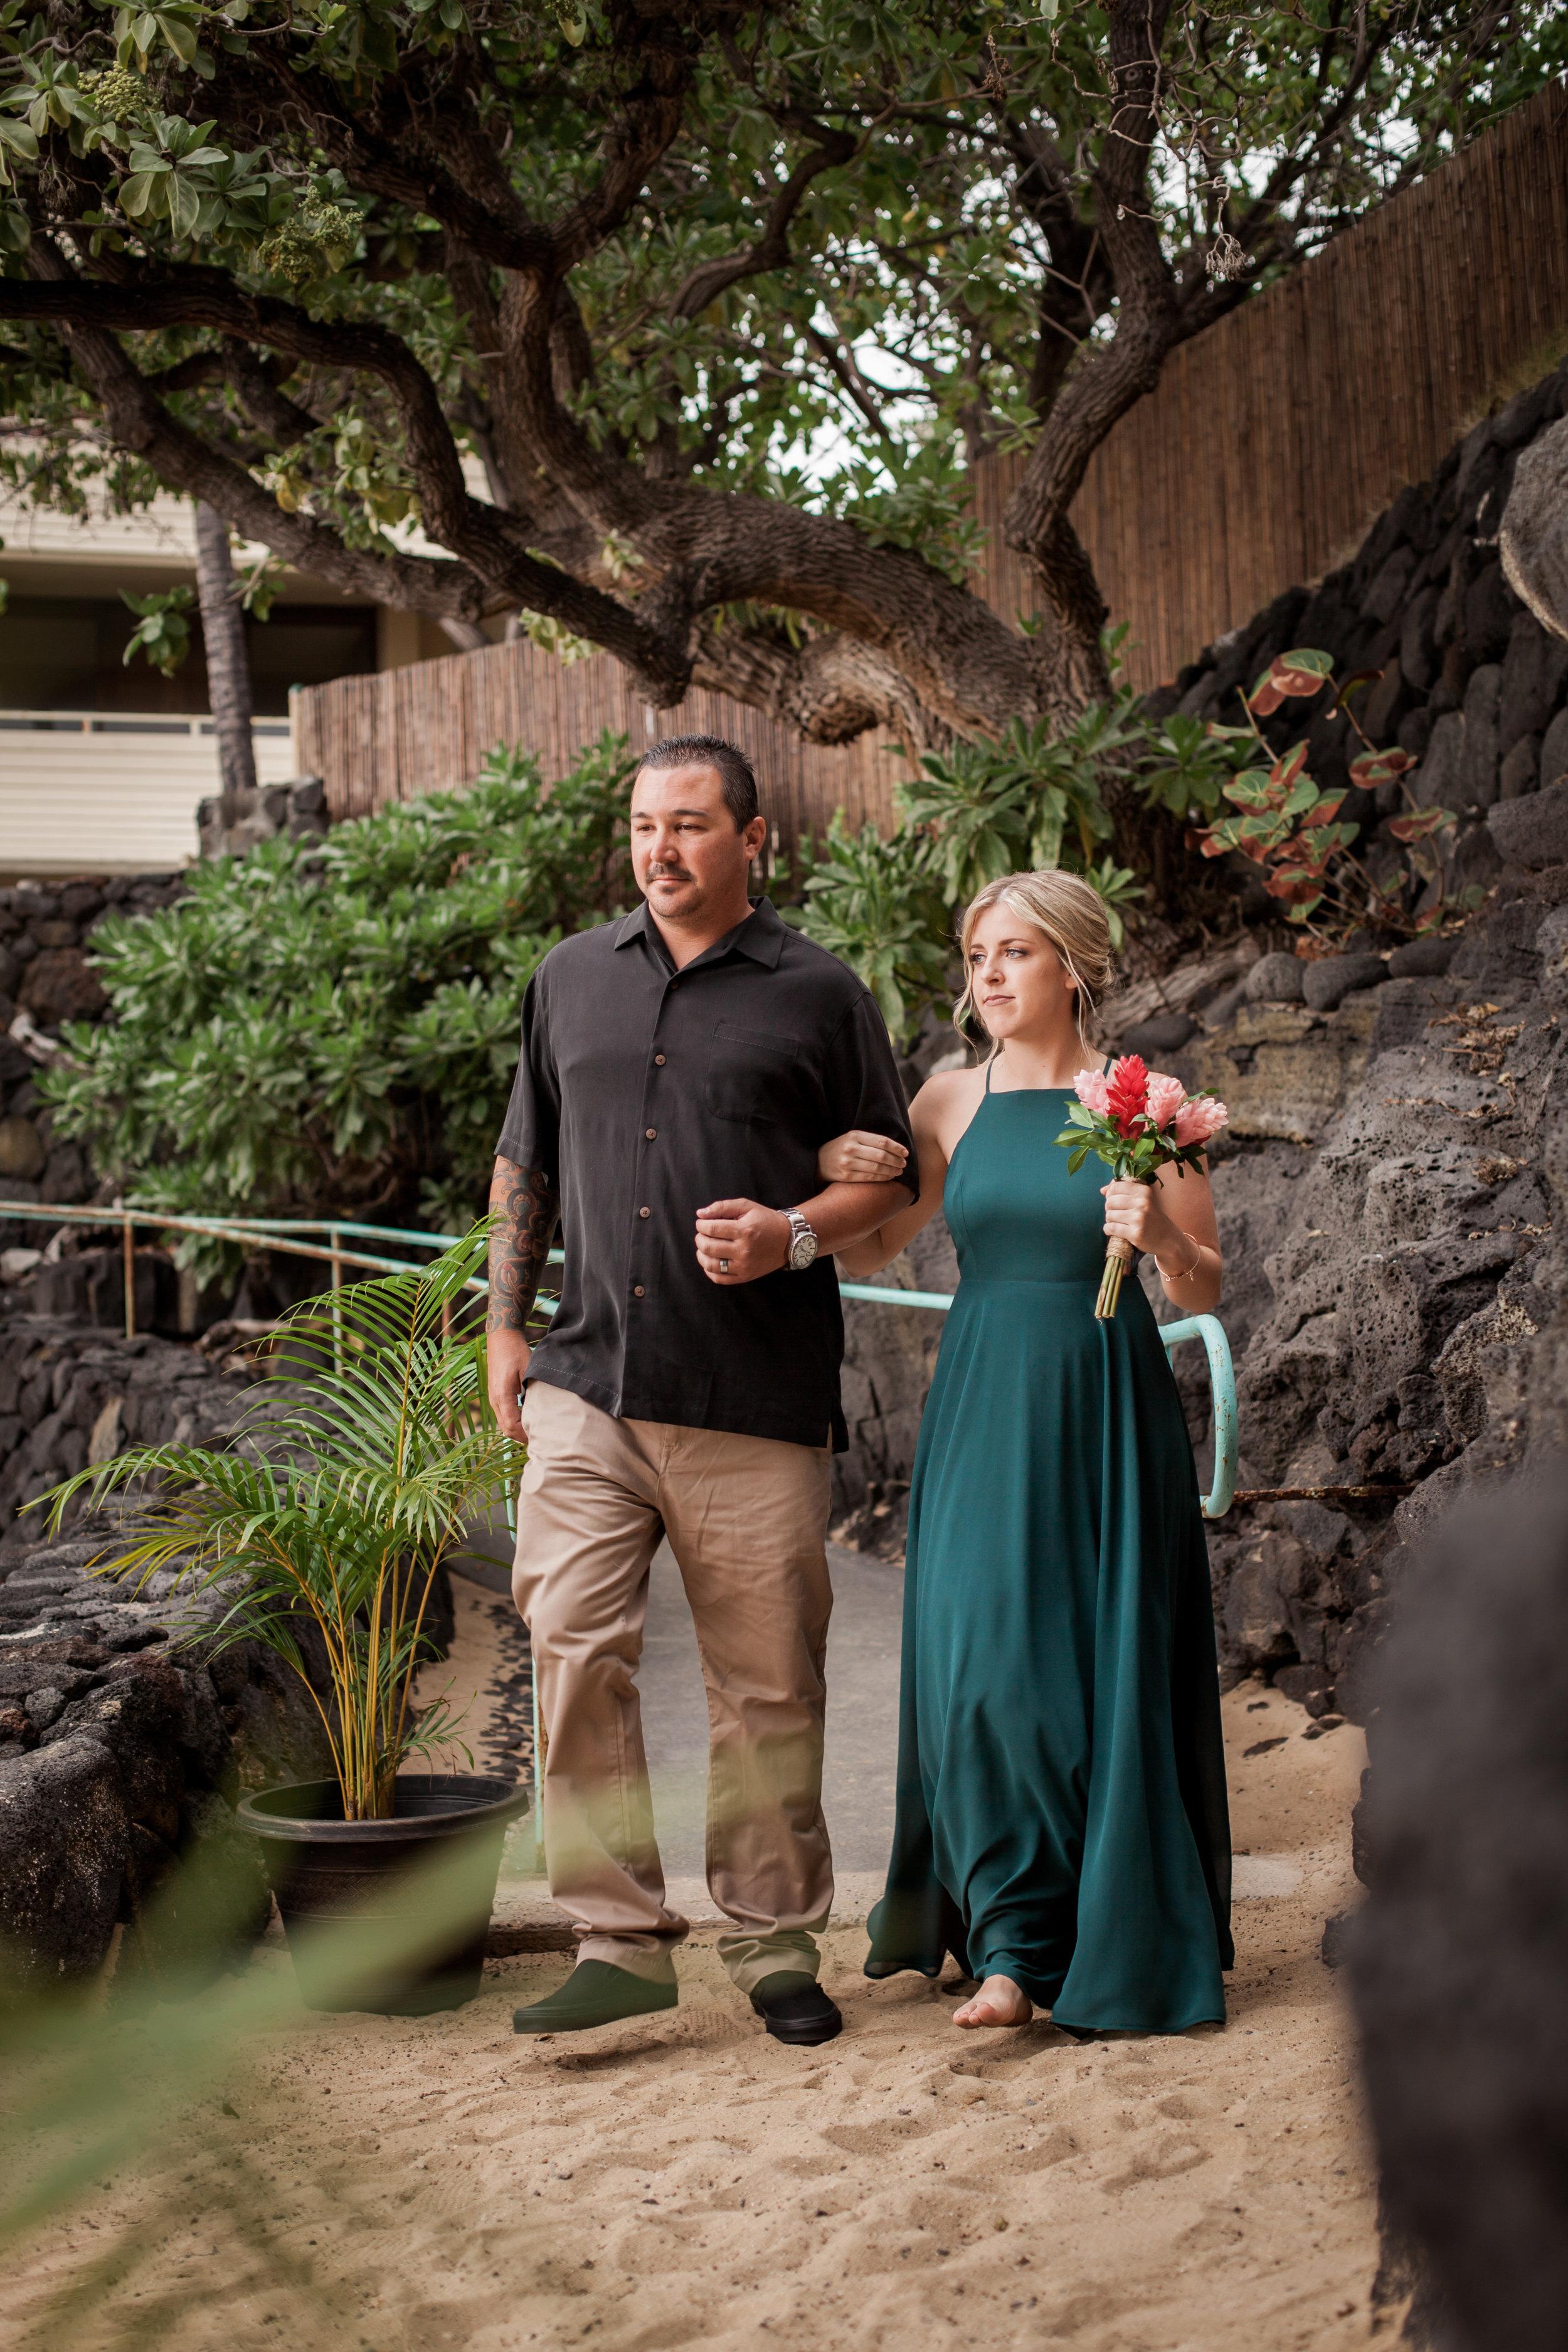 big island hawaii royal kona resort beach wedding © kelilina photography 20170520164923.jpg